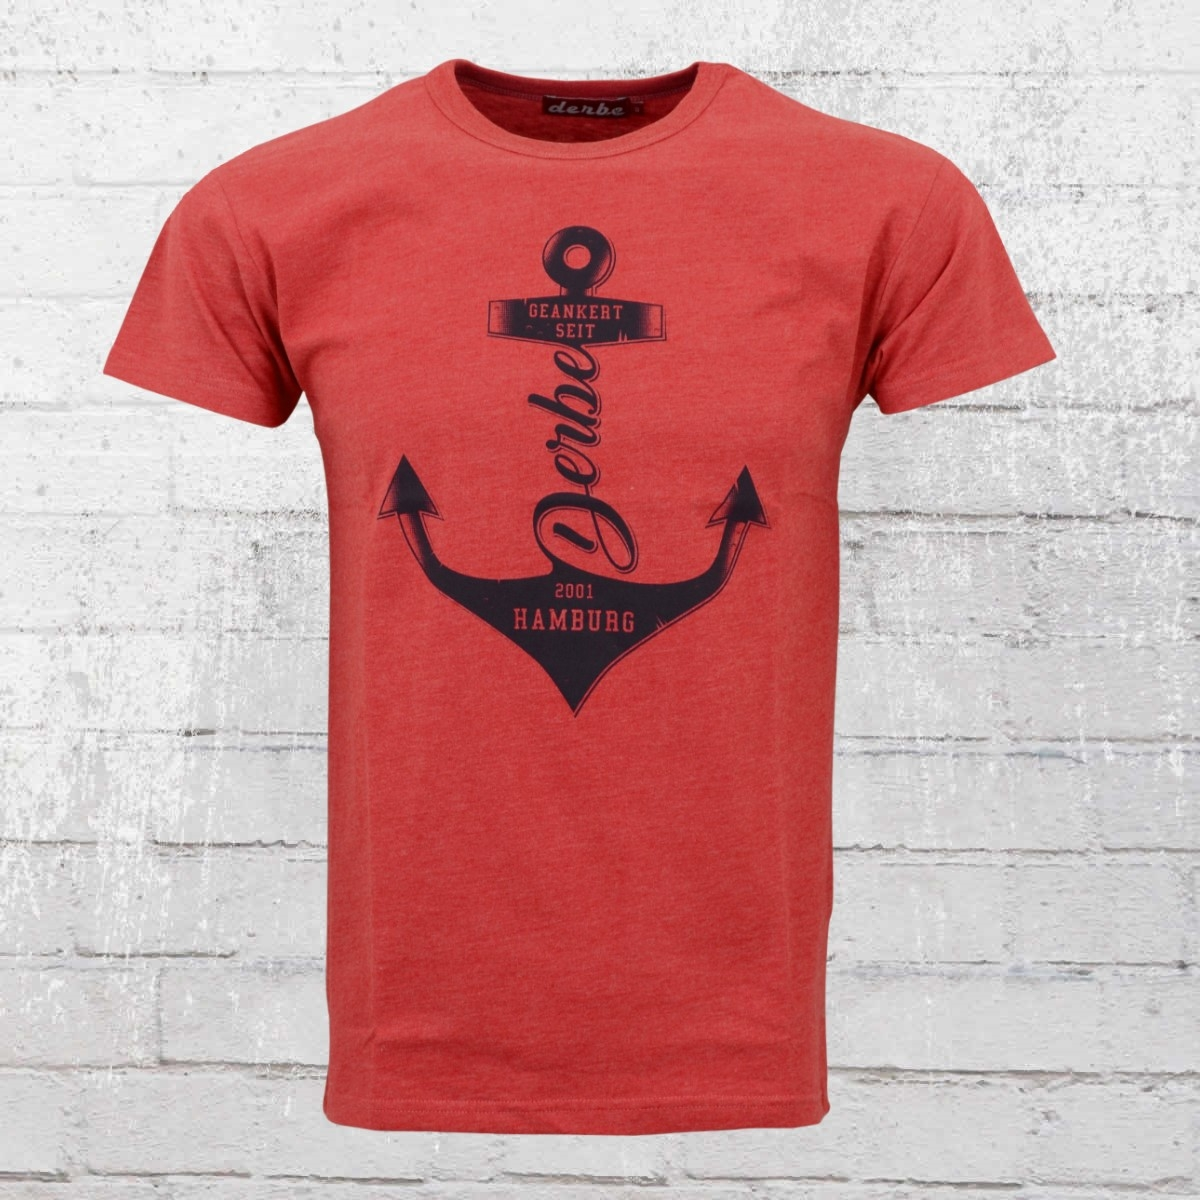 Derbe Hamburg T-Shirt Männer Geankert rot meliert